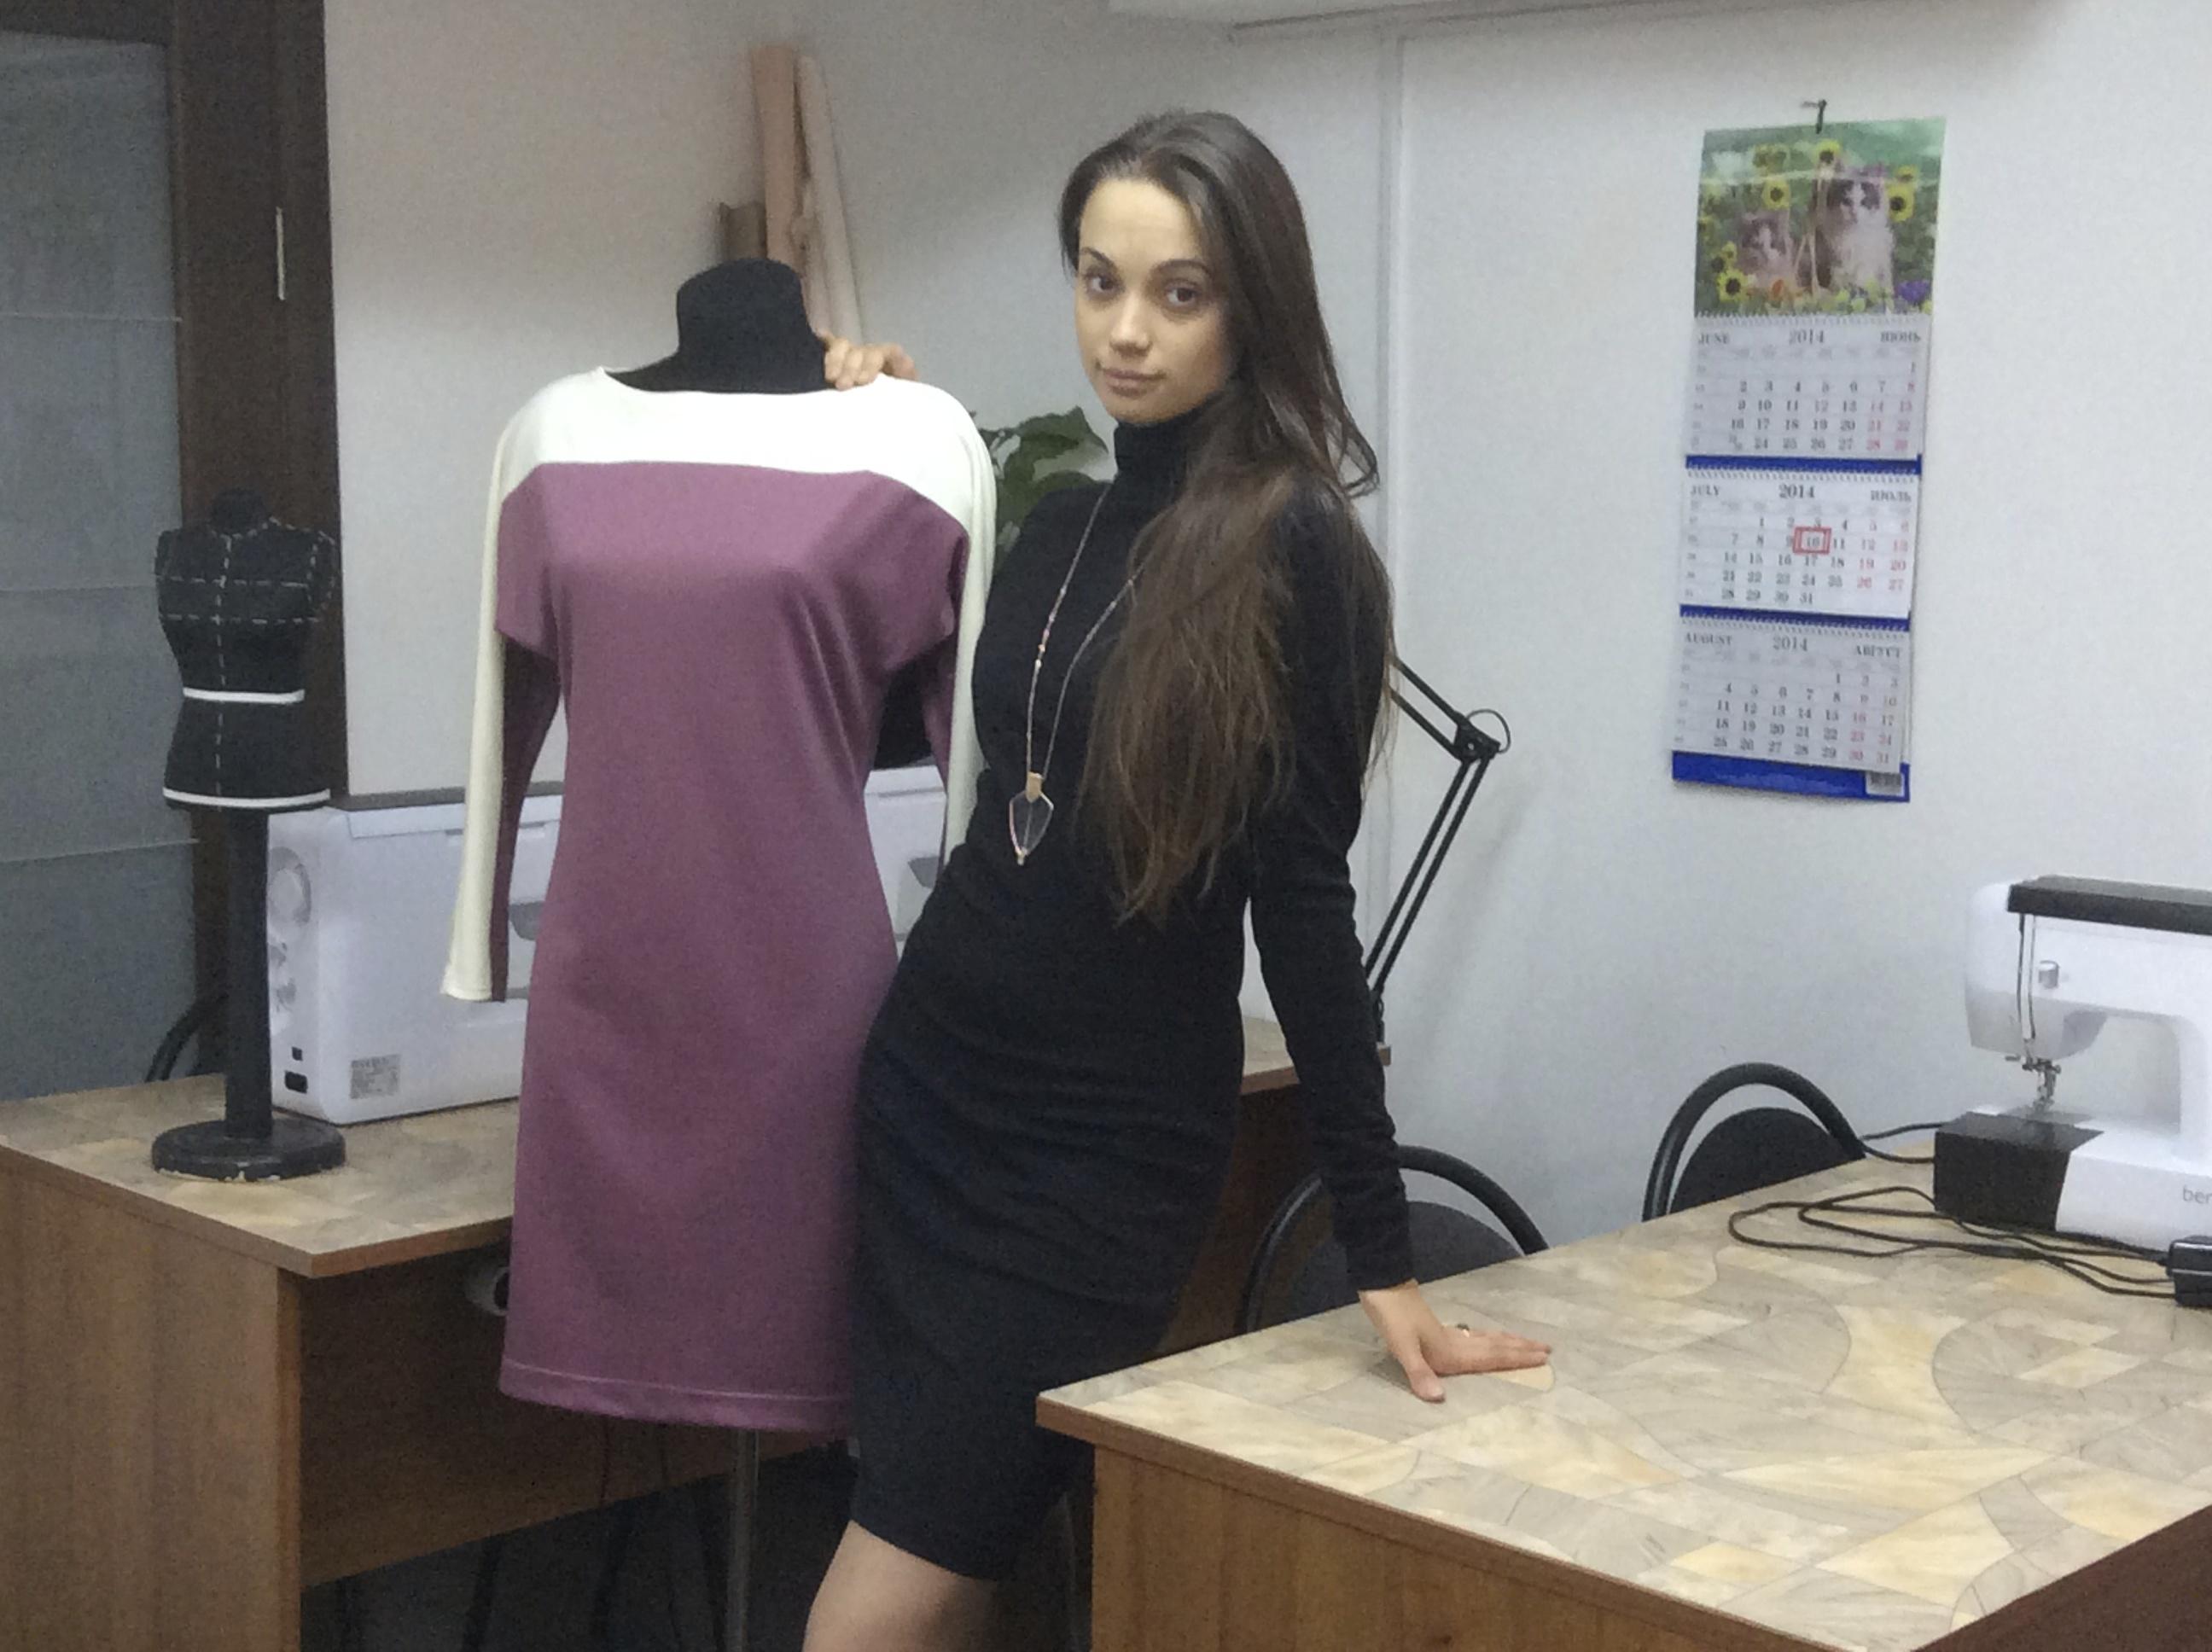 Платья сшитые на курсах кройки и шитья Школа дизайнерского мастерства Елизаветы Добрицкой